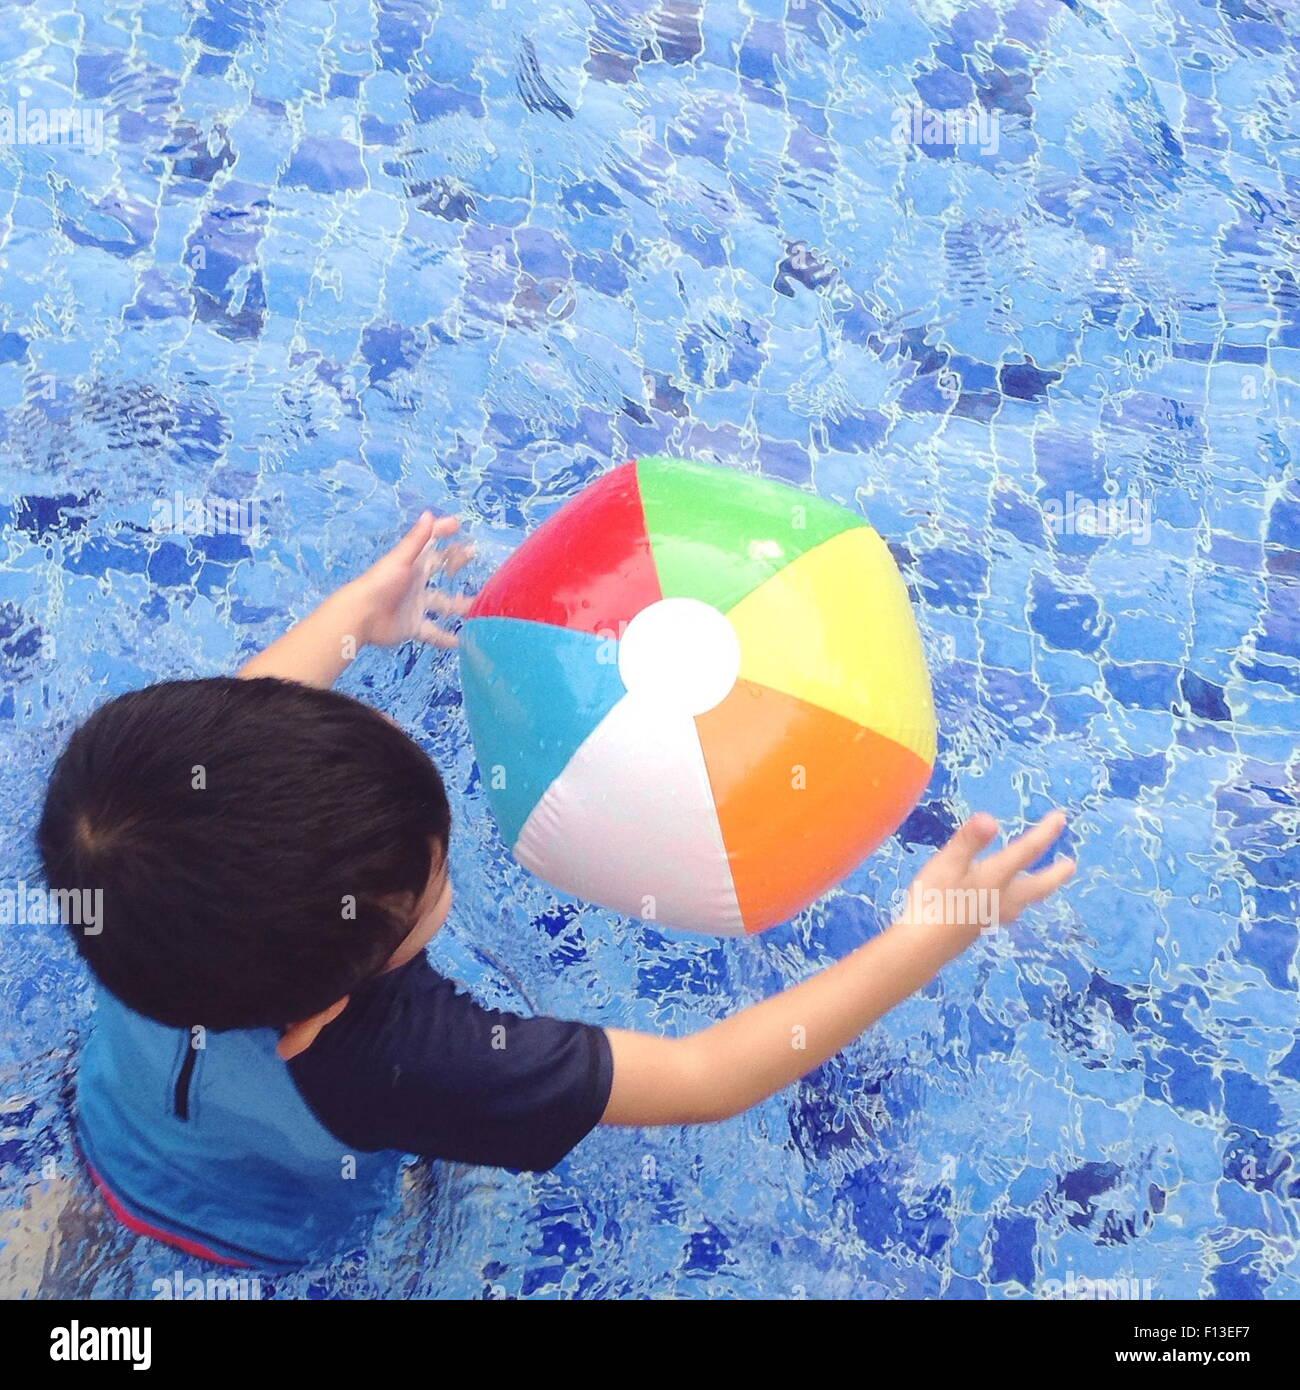 Vue aérienne d'un garçon jouant avec un ballon de plage dans la piscine Photo Stock